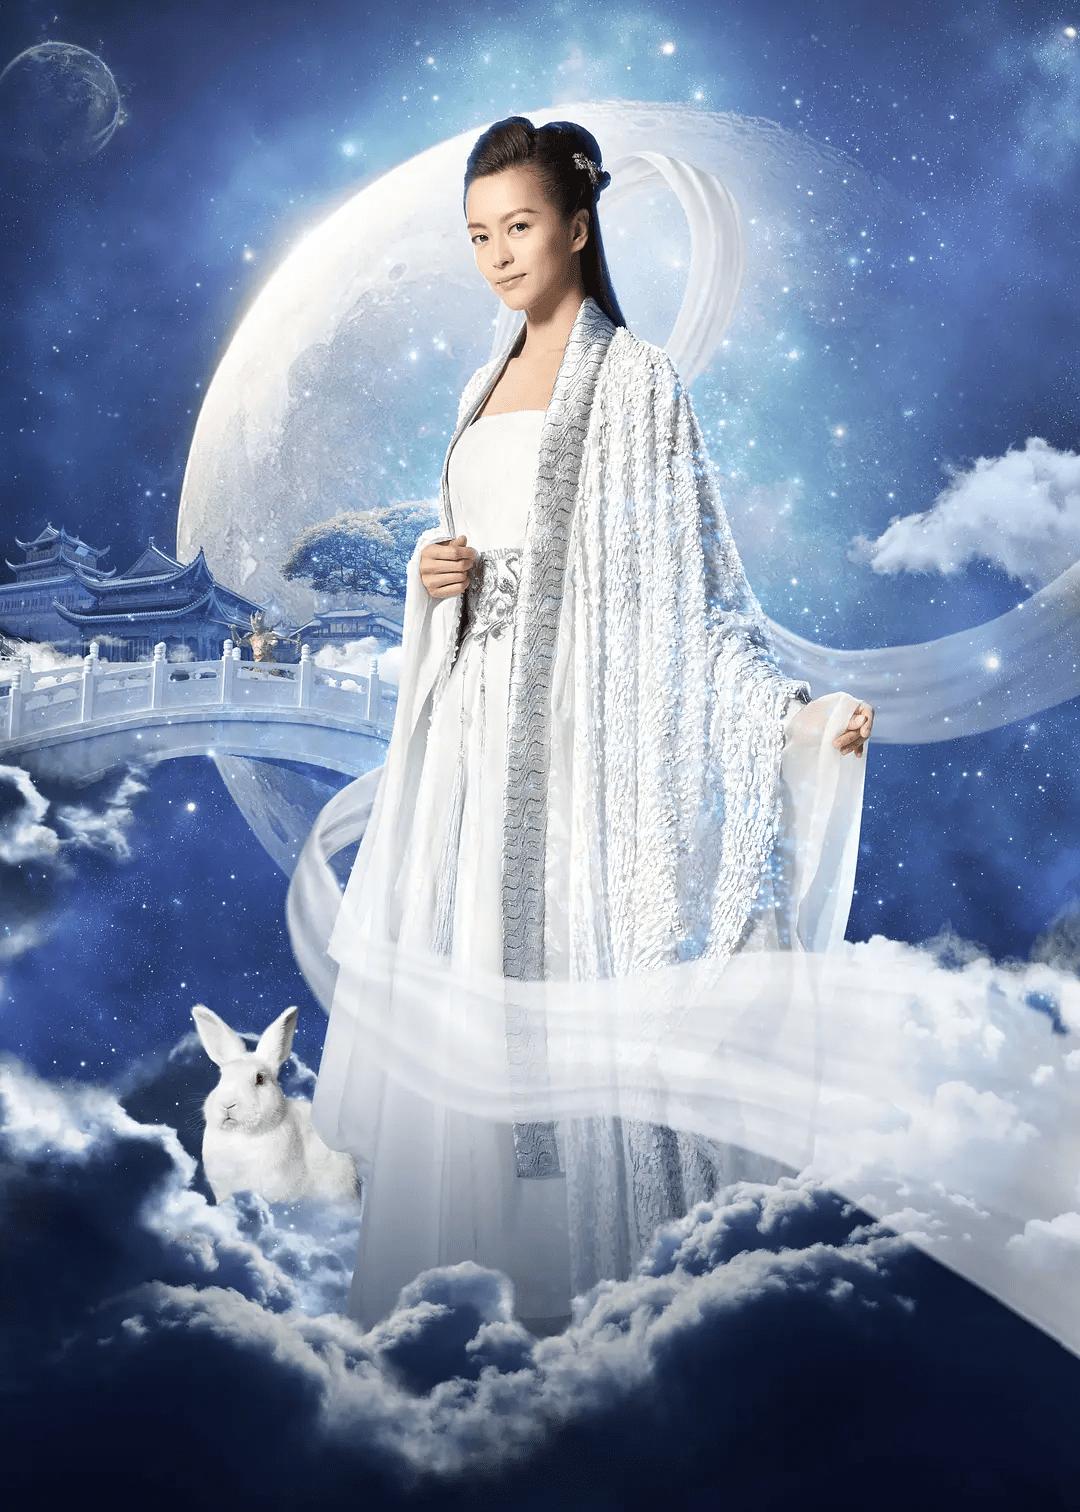 """图片[41]-12位嫦娥谁最美?她最颠覆仙女形象,堪称""""婊里婊气""""-妖次元"""